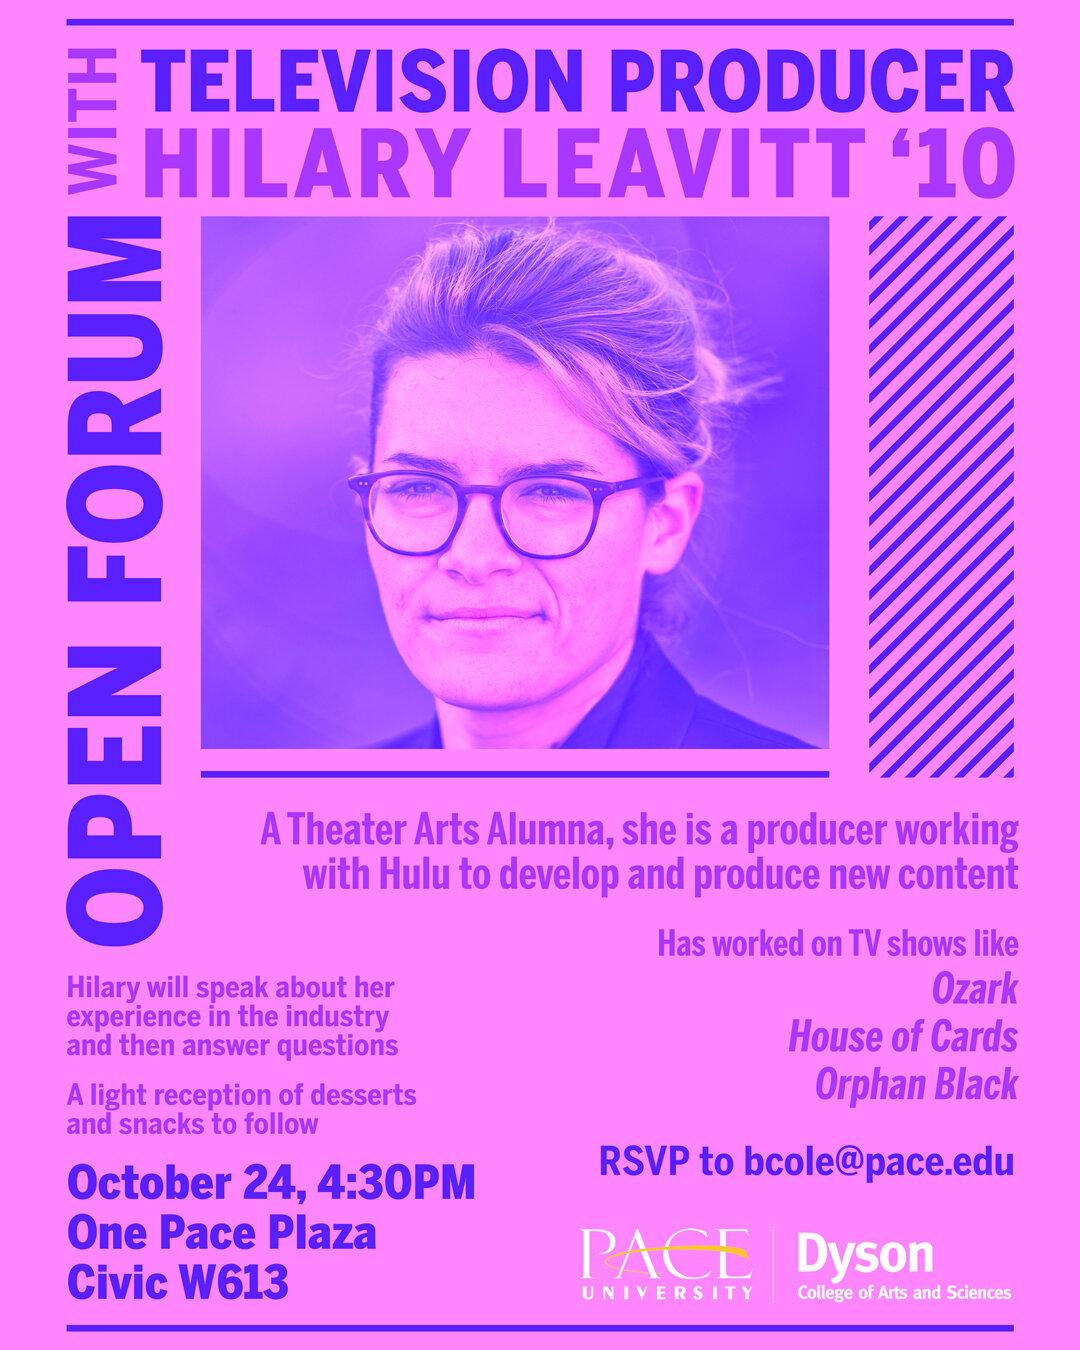 FINAL-Hilary-Leavitt-Poster-10819.jpg